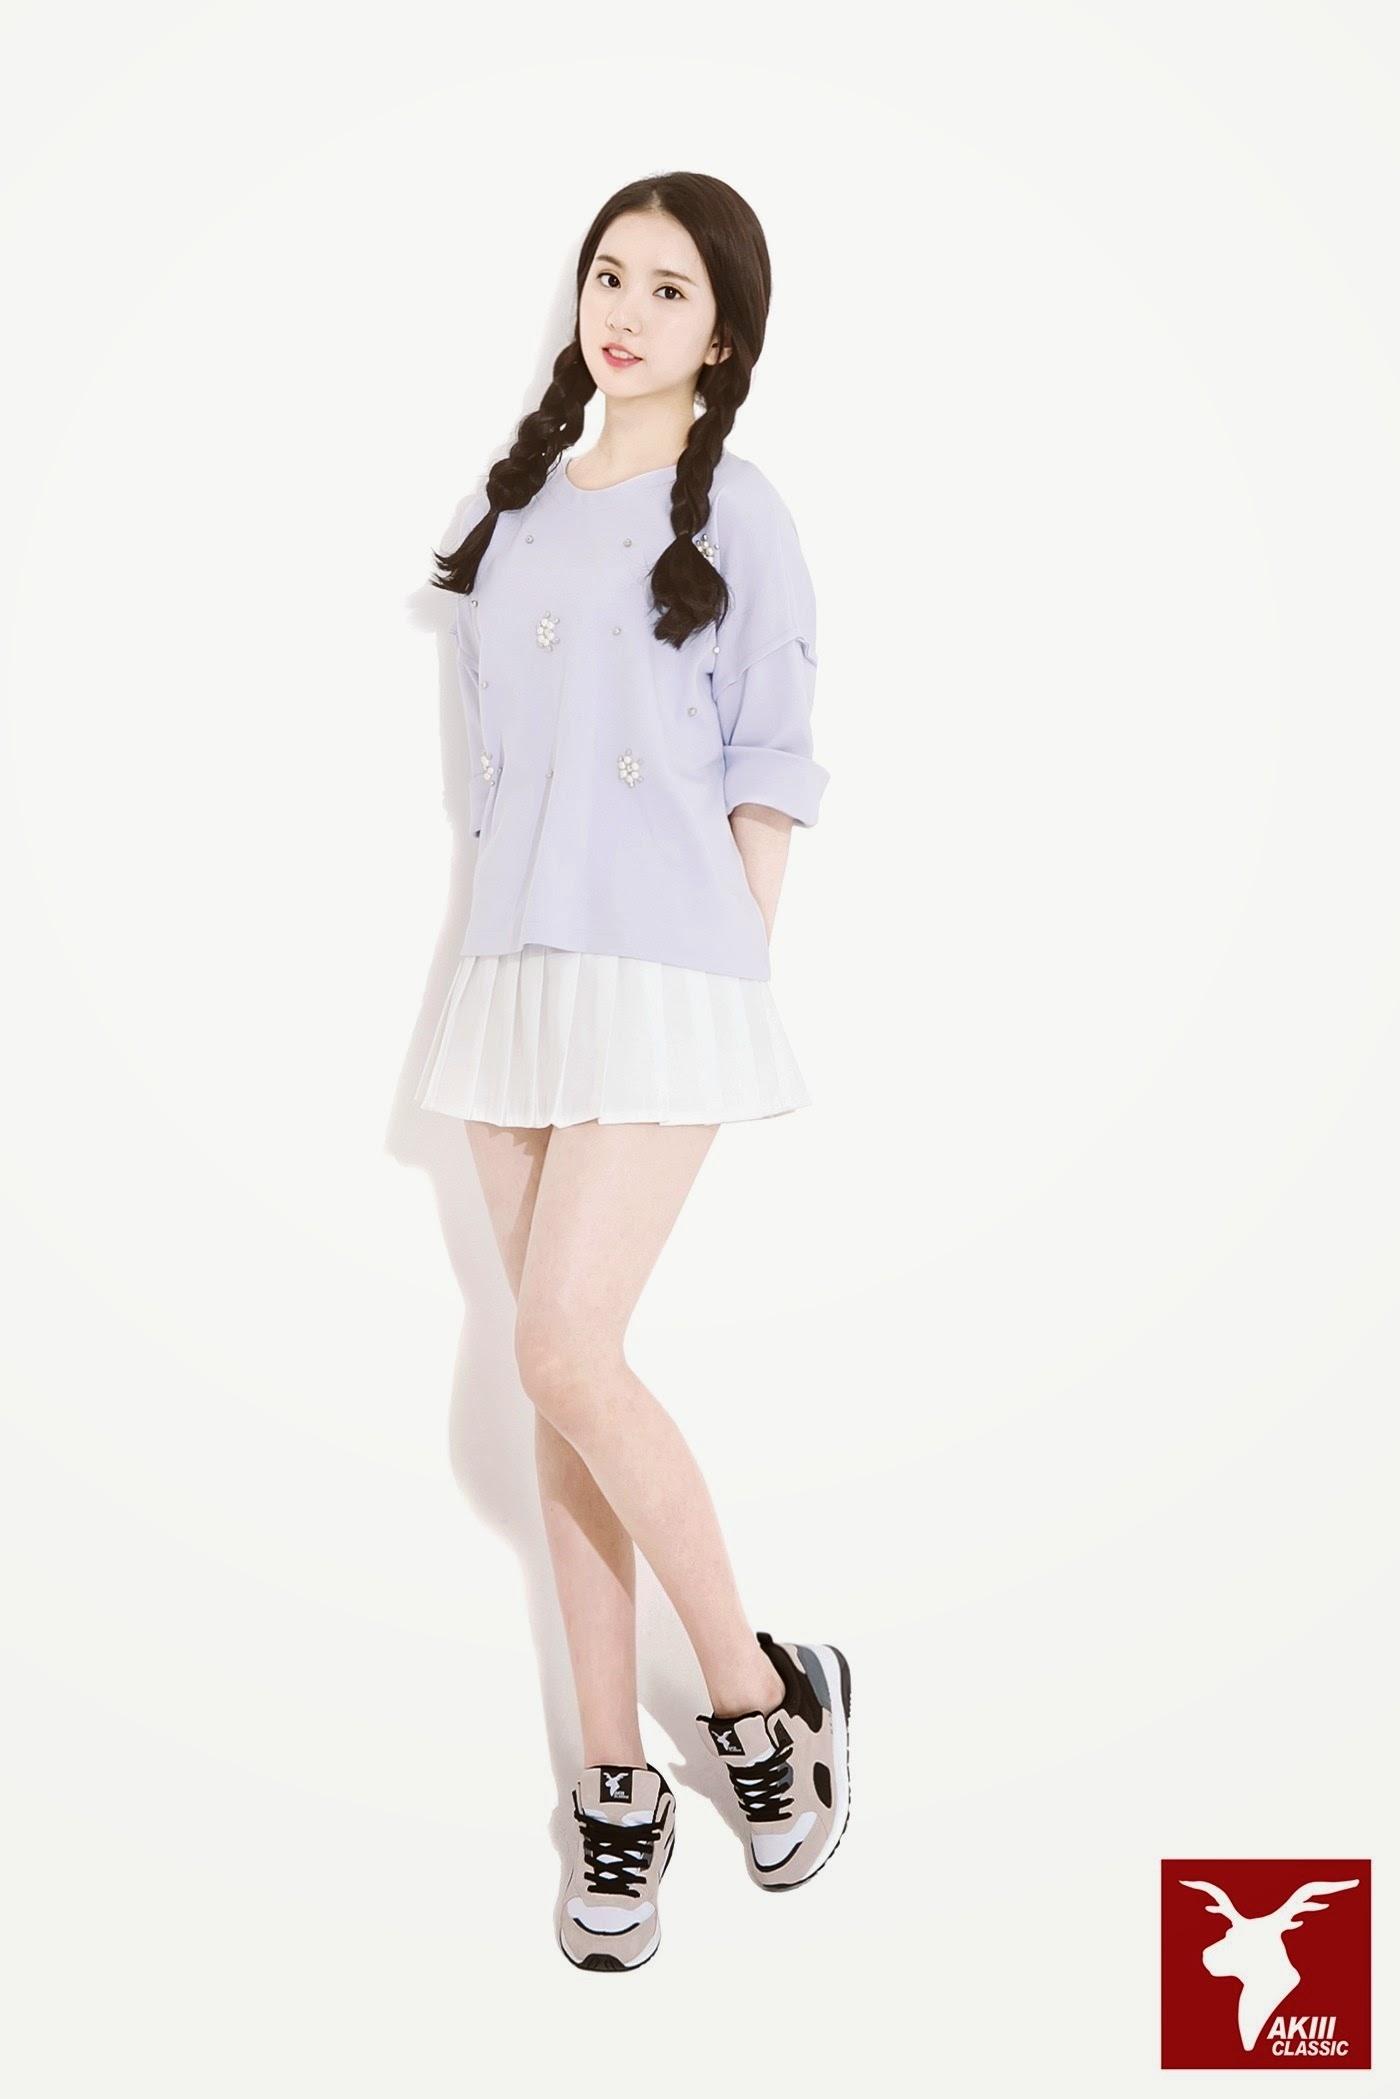 G-Friend Eunha Akii Classic